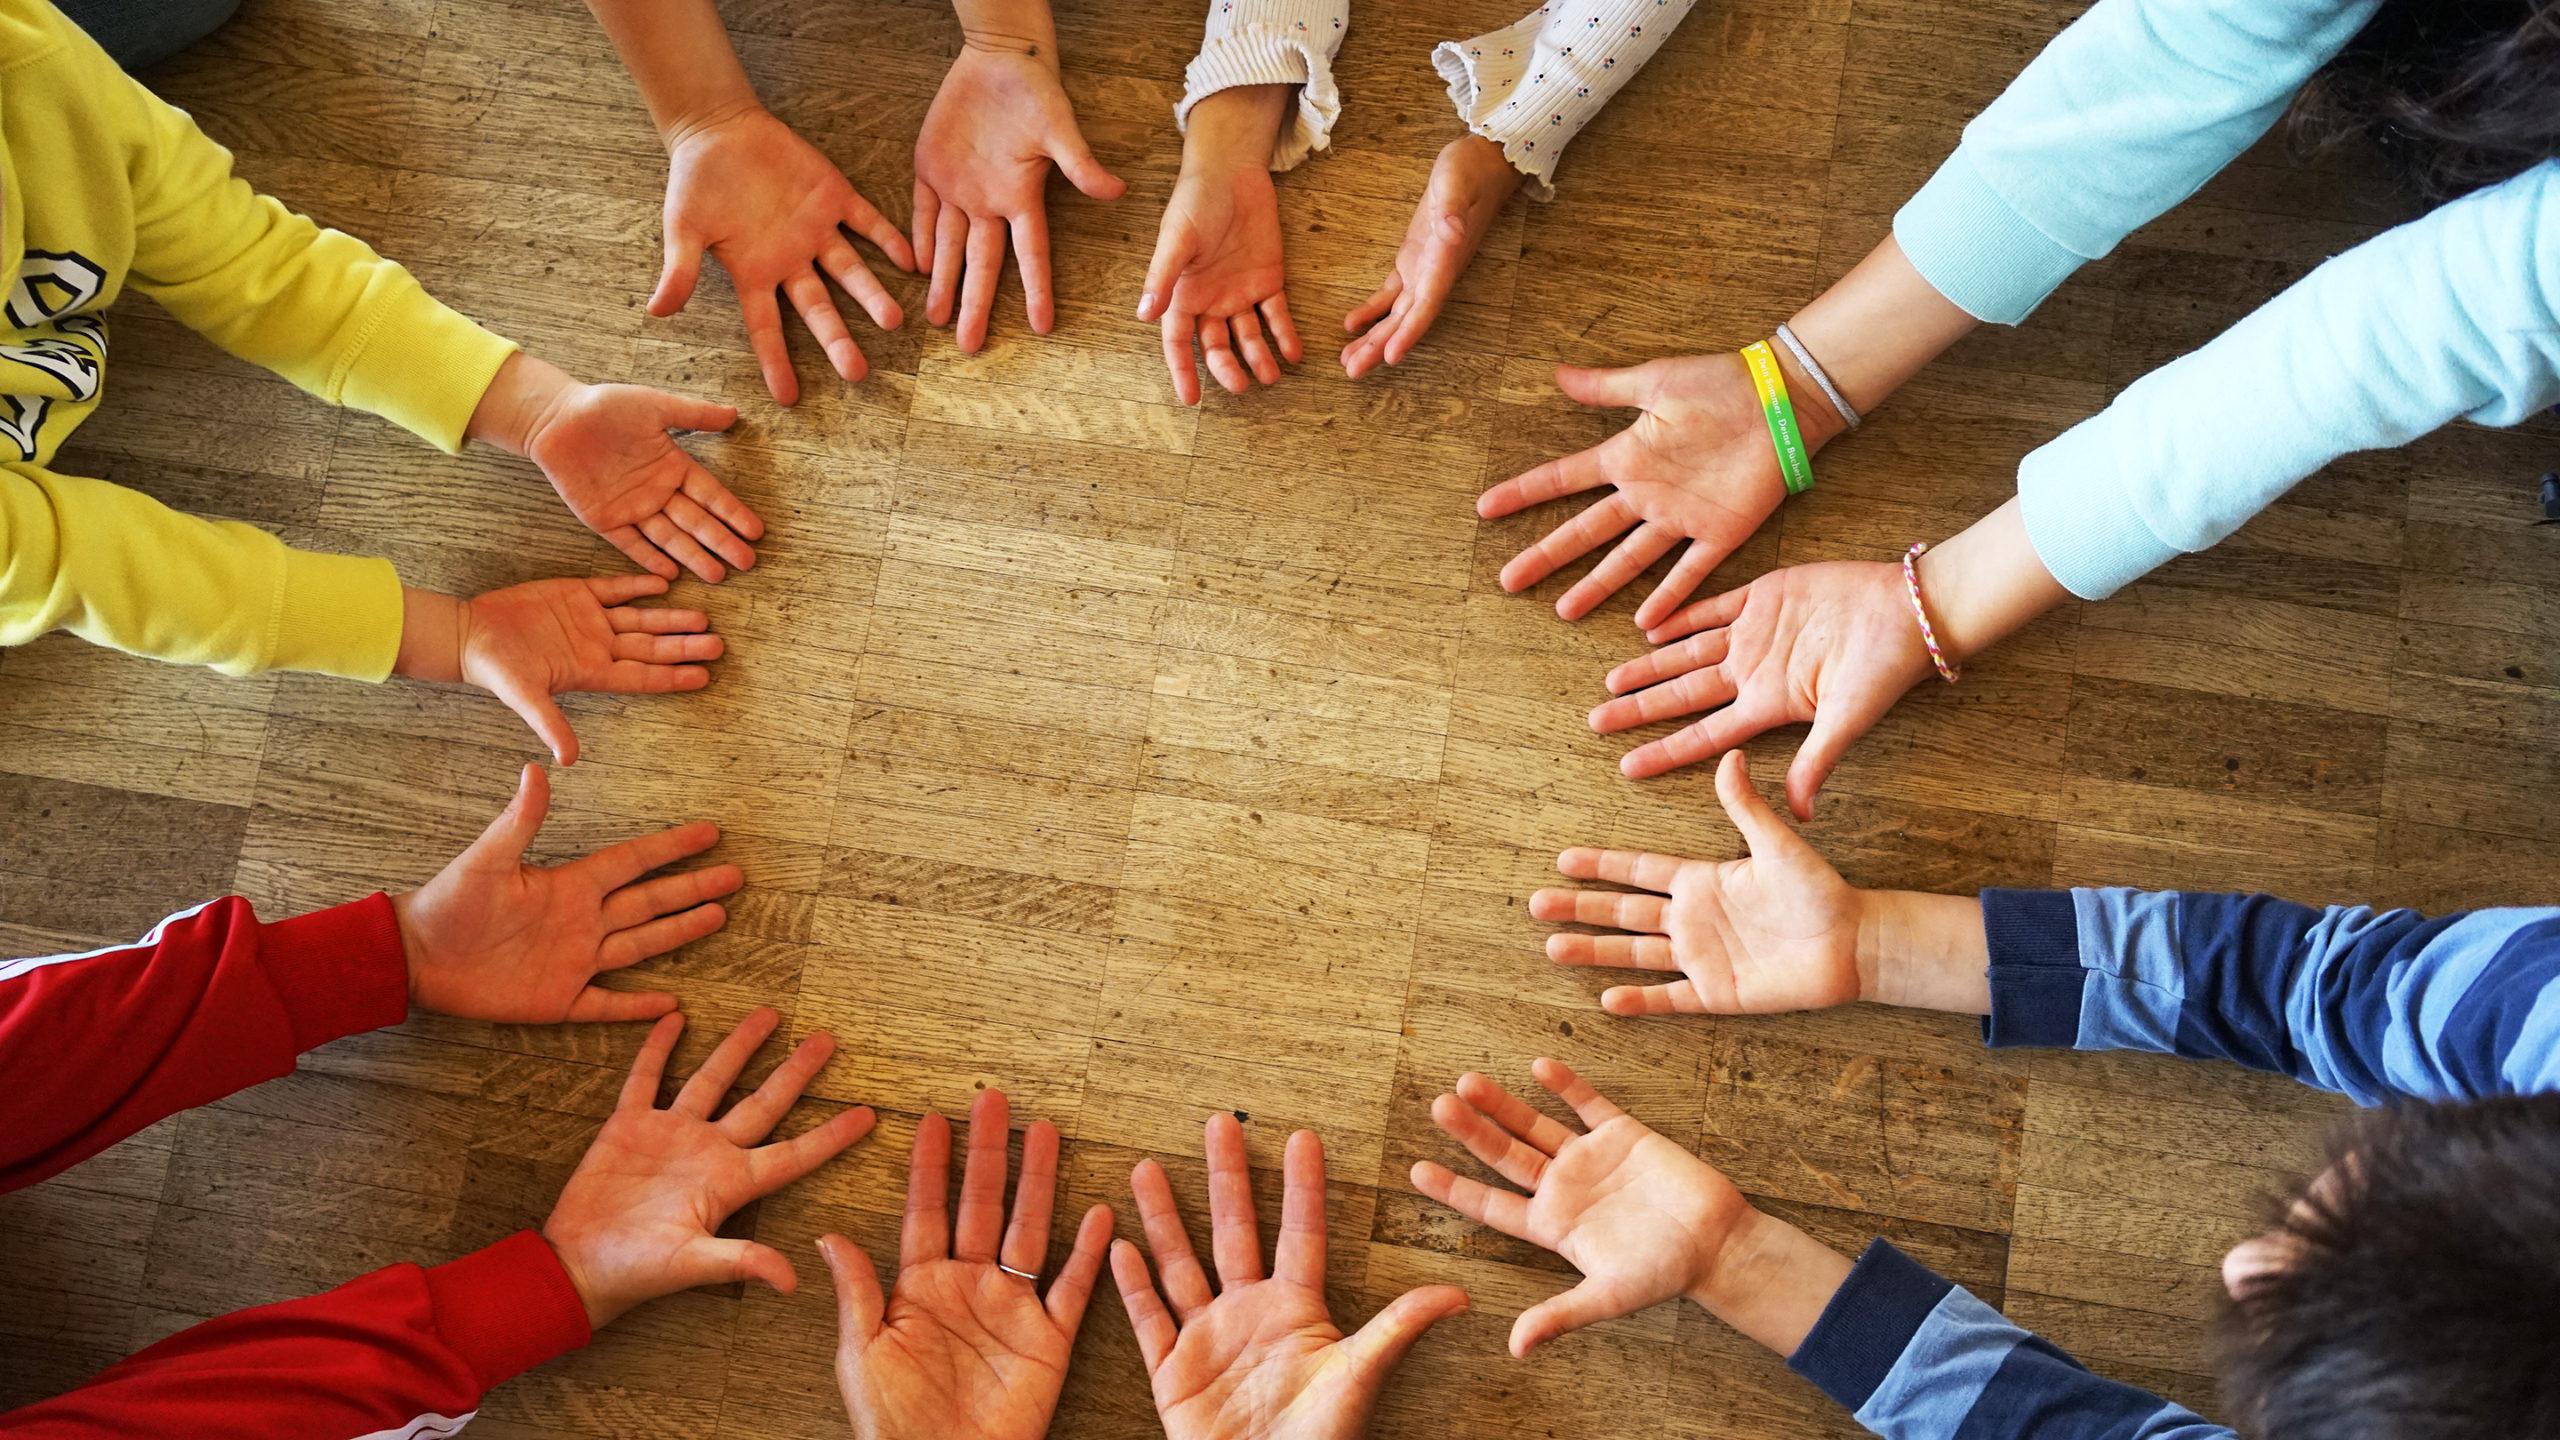 Menschen bilden einen Kreis aus Händen mit offen ausgestreckten Handflächen